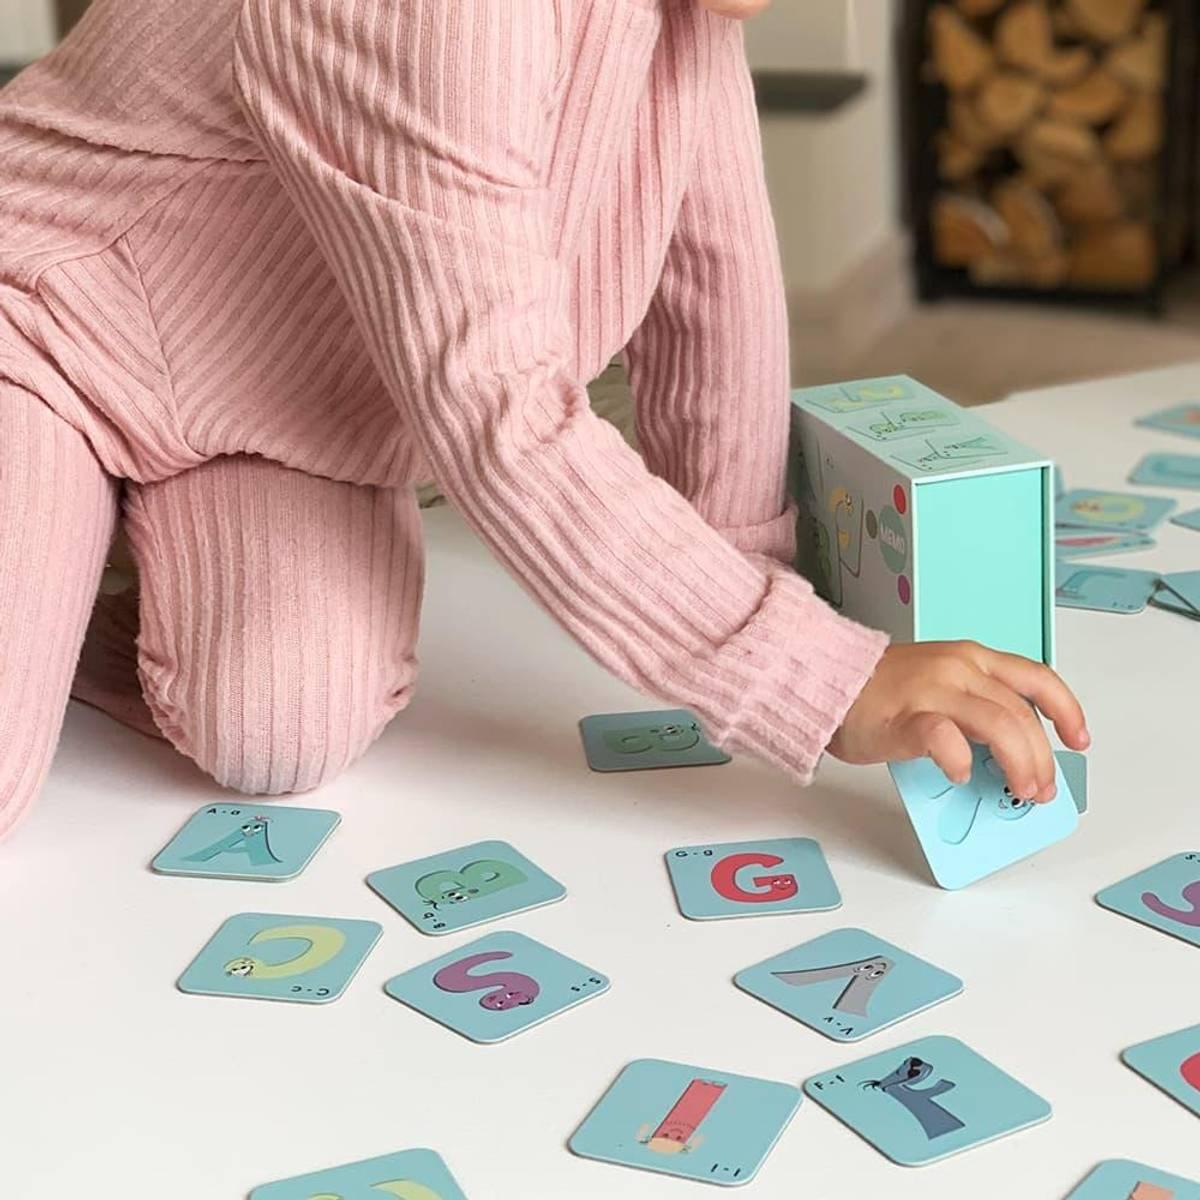 ABC MEMO - Morsomt og lærerikt memoryspill